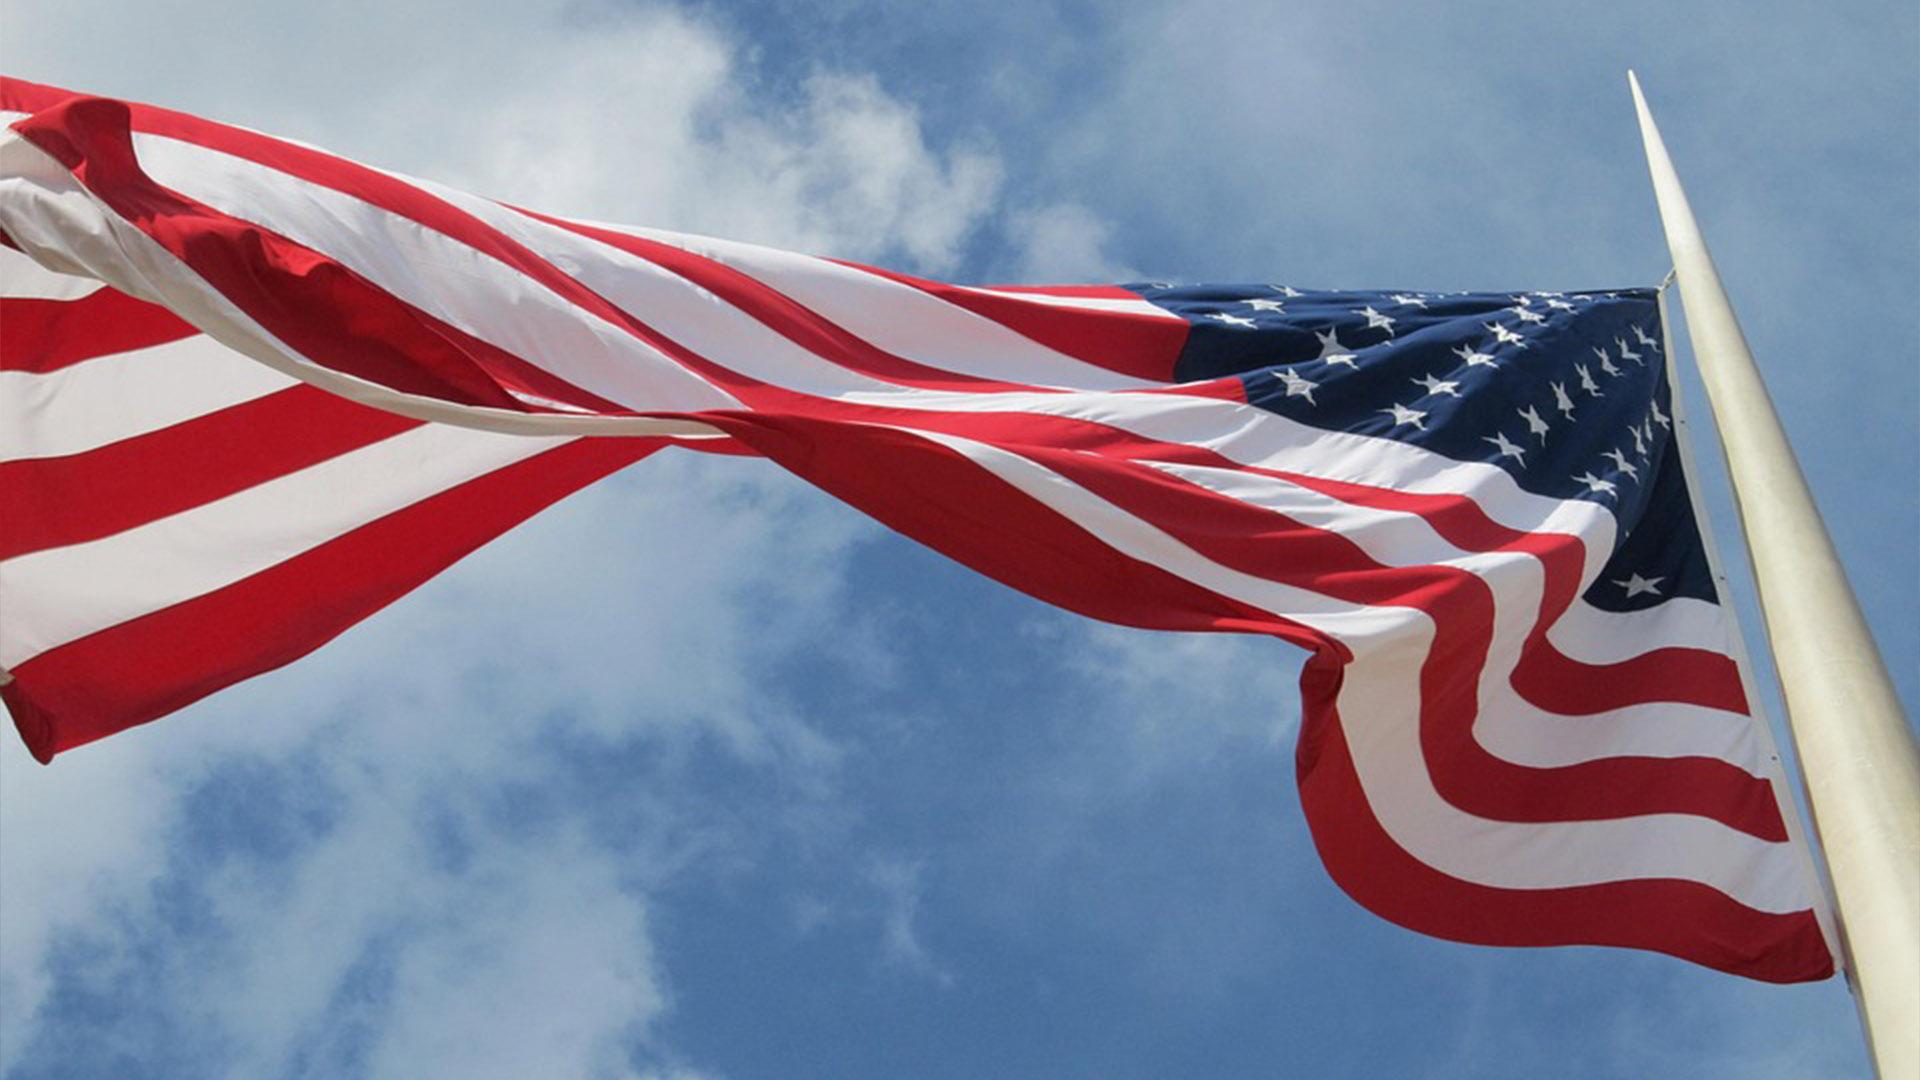 O Consulado americano é um pedaço dos Estados Unidos no Brasil e lá segue as regras impostas pelo governo americano.